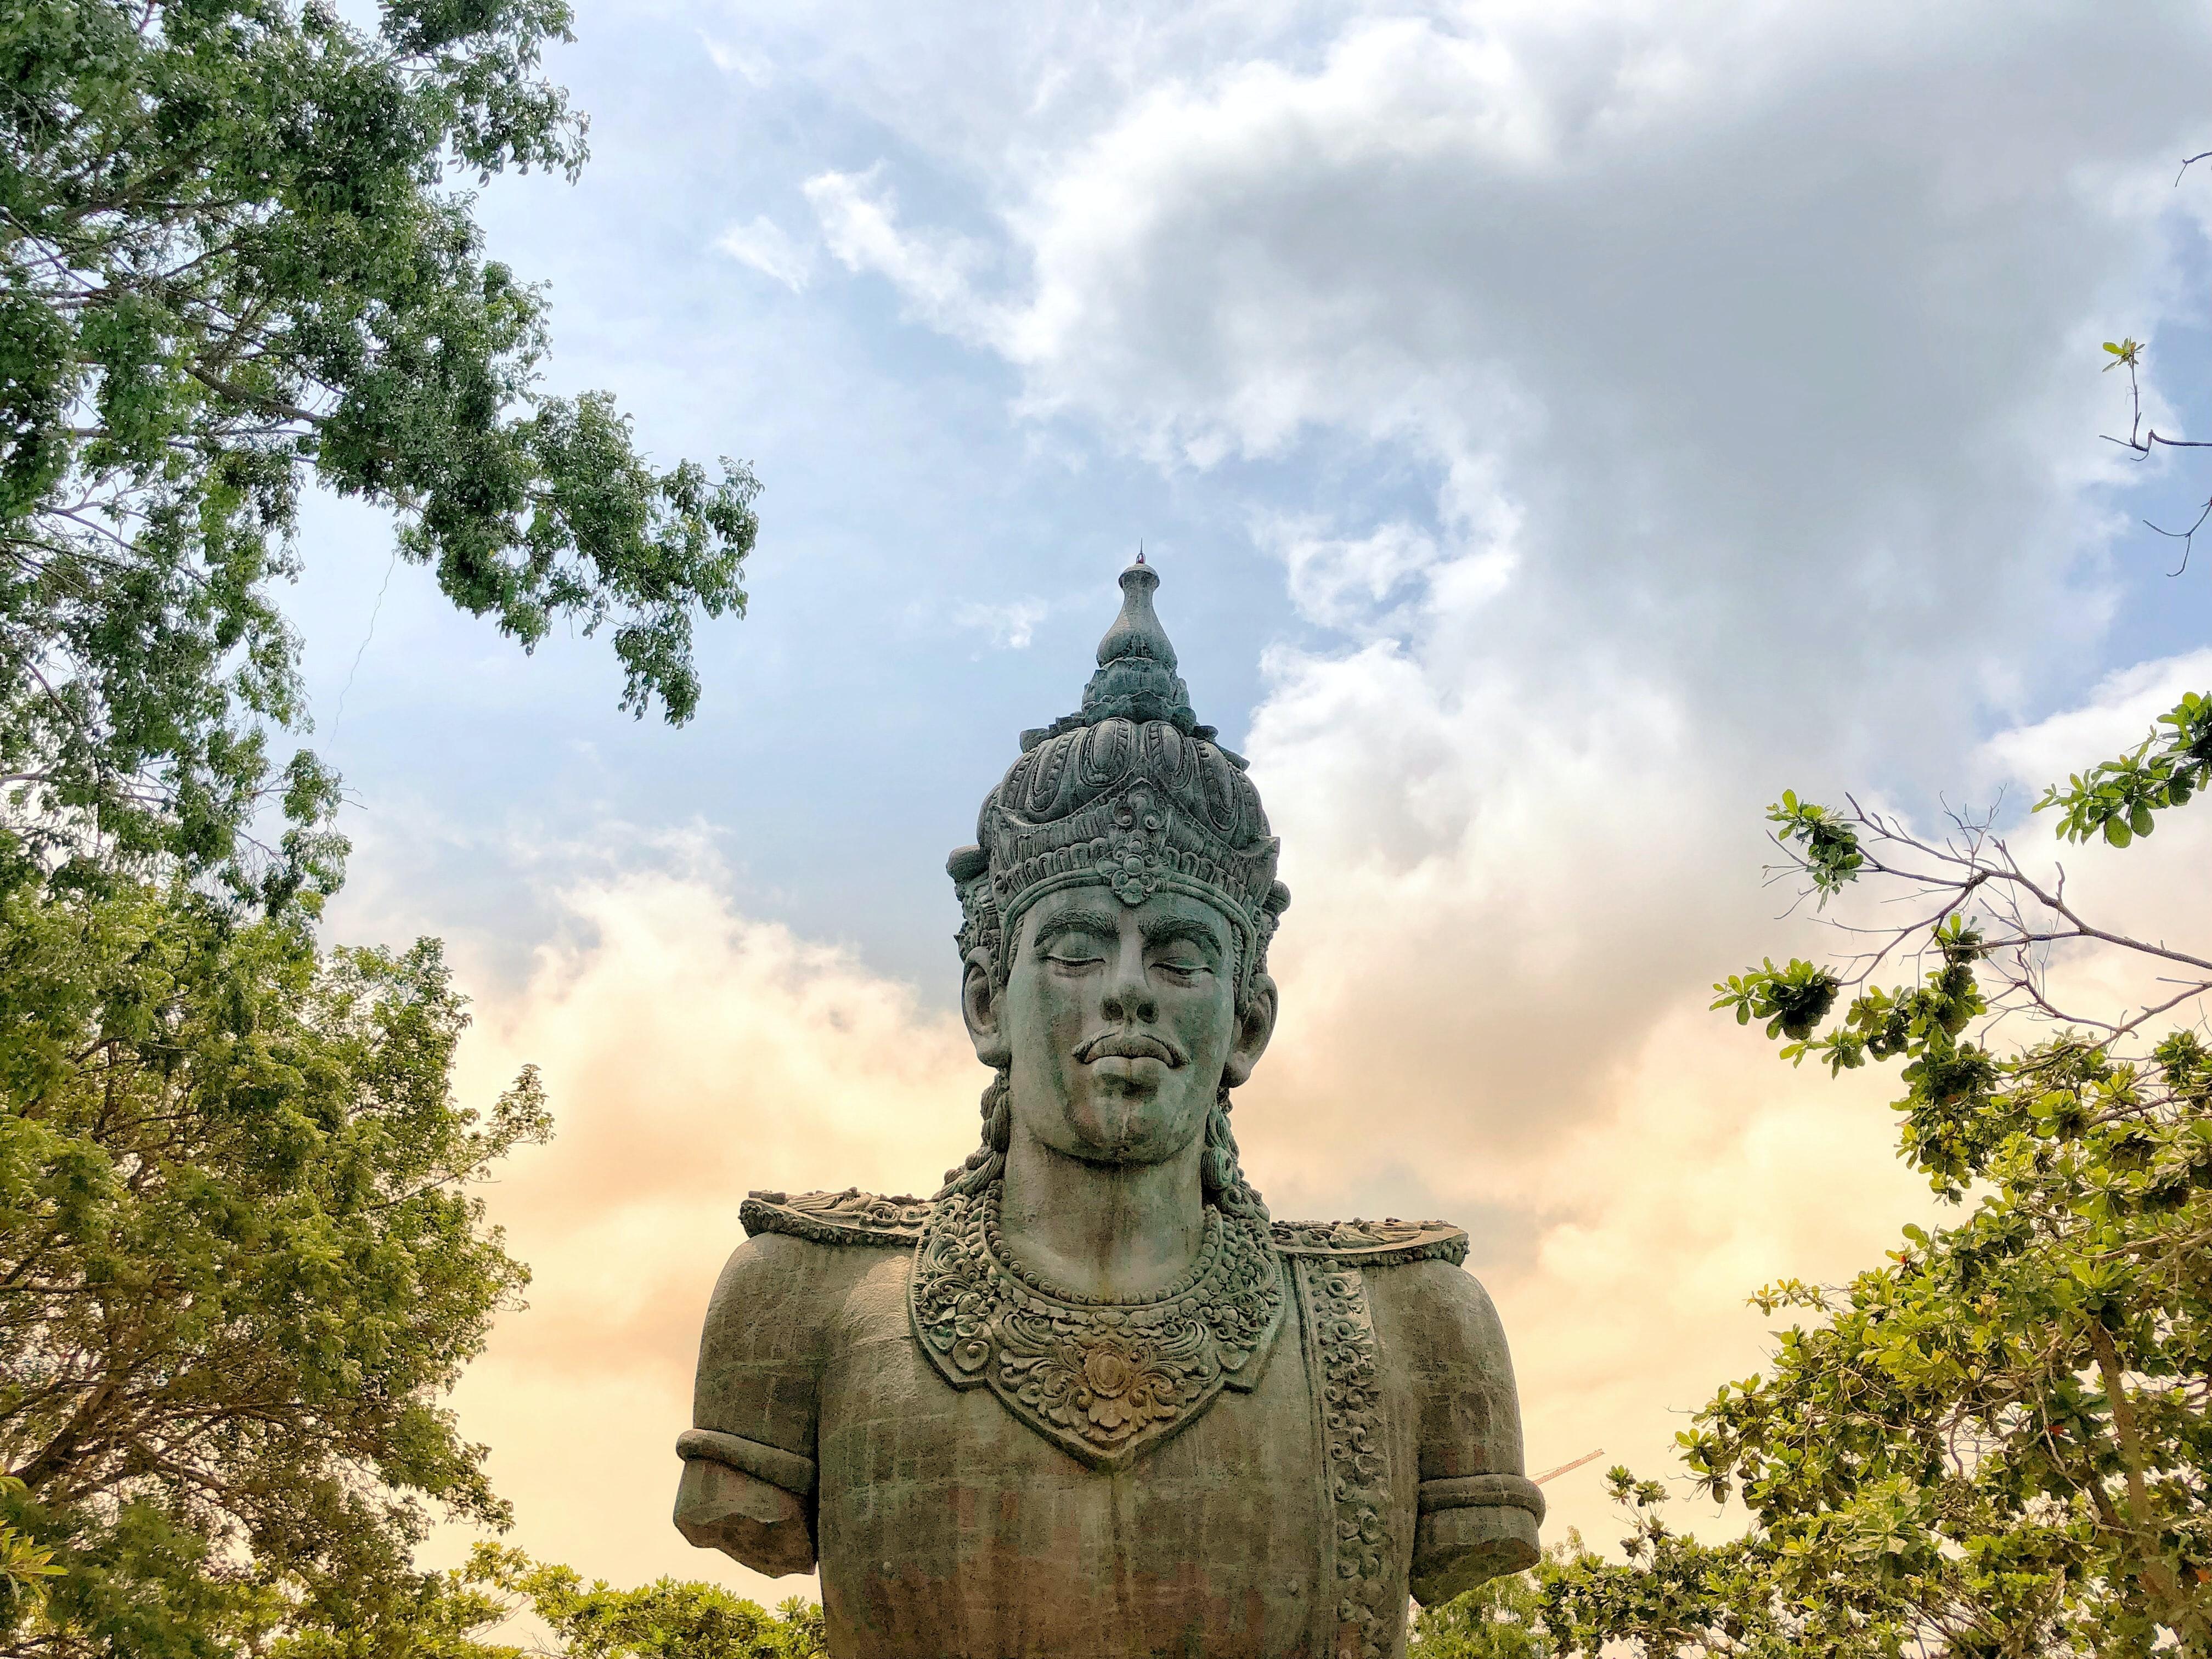 Індонезійський культурний парк Балі Гаруда Вішну Кенкана